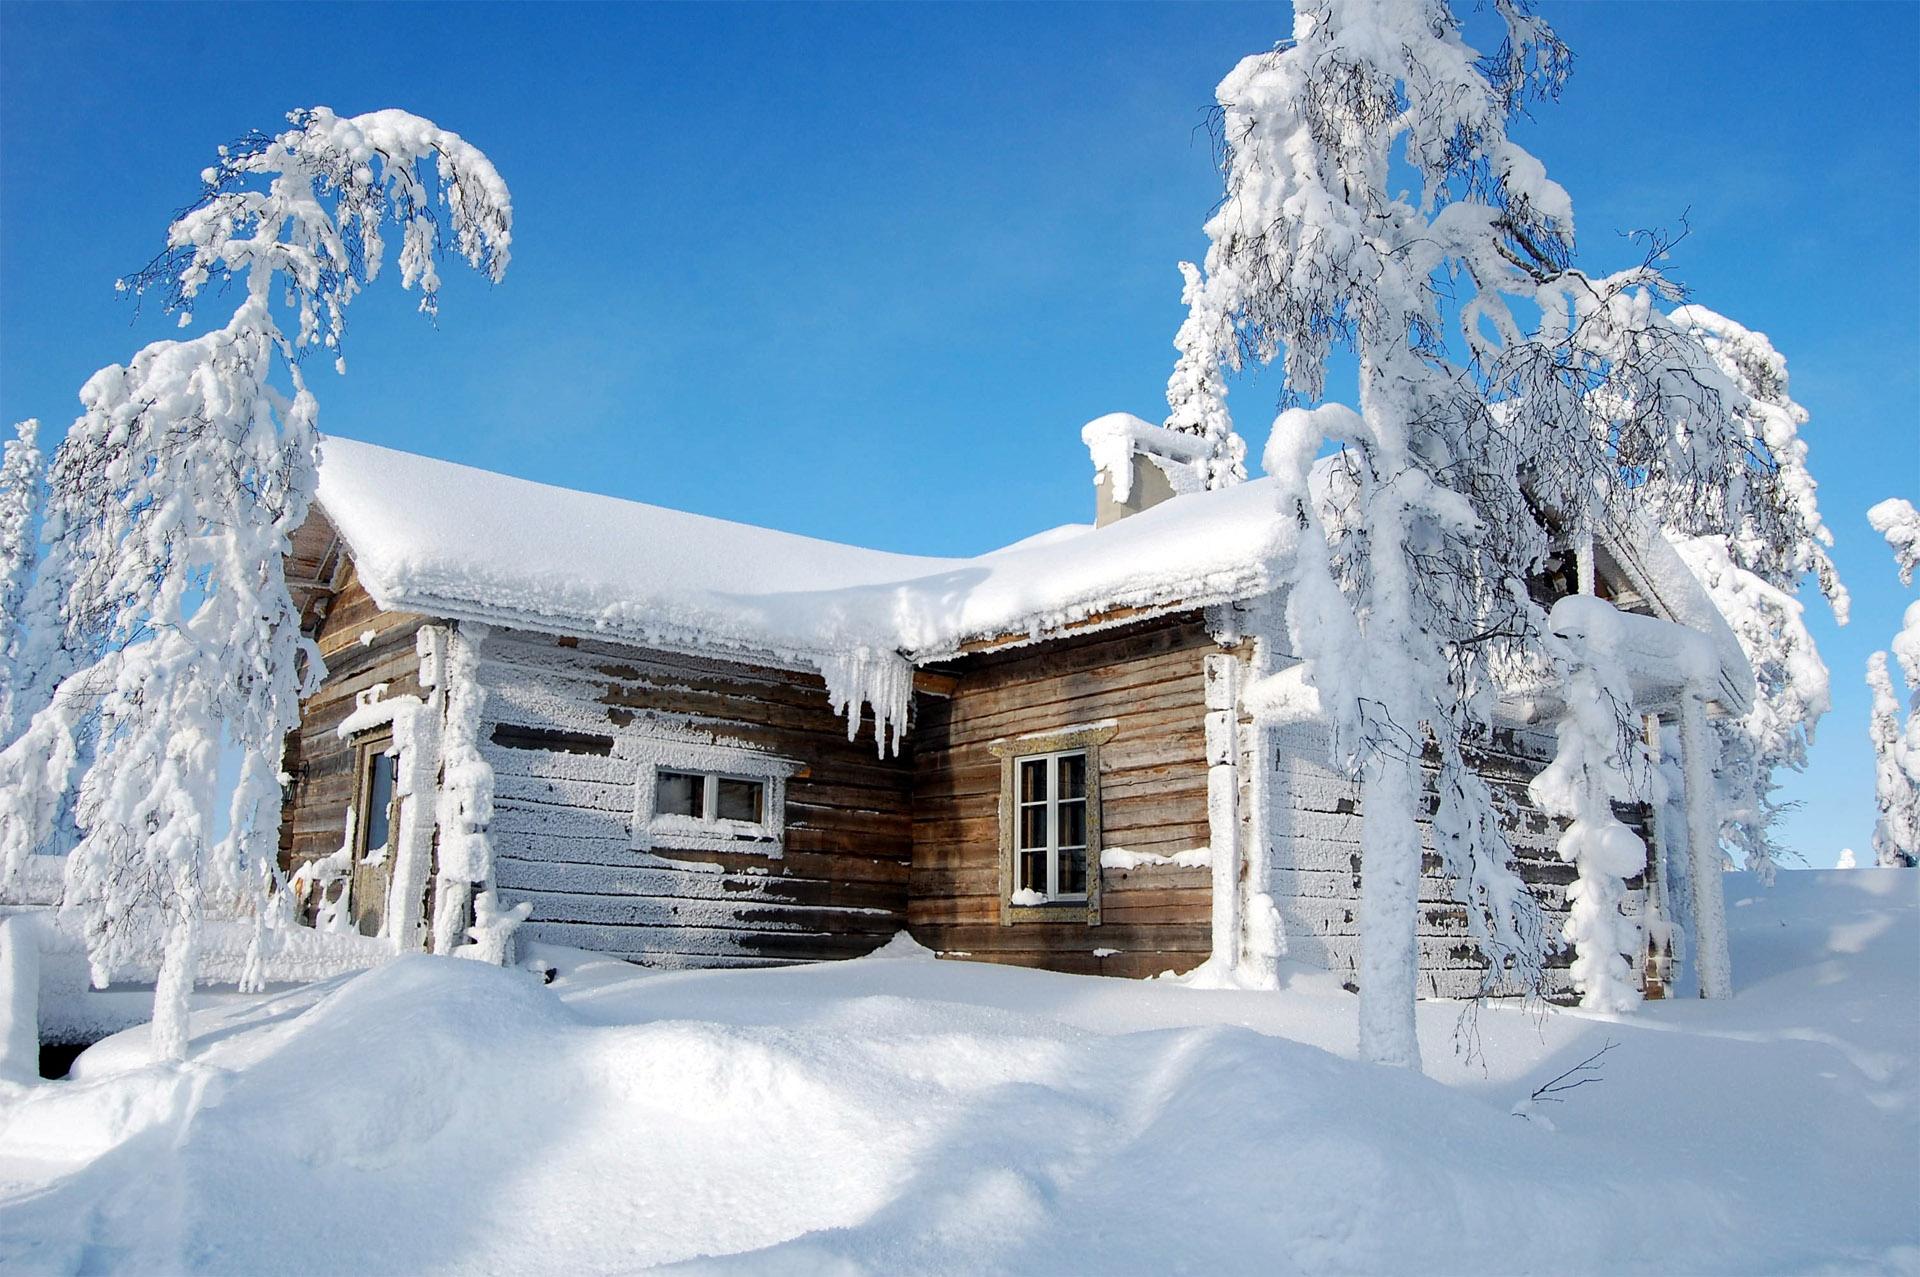 Зимние обои 2013 — укрась свой рабочий